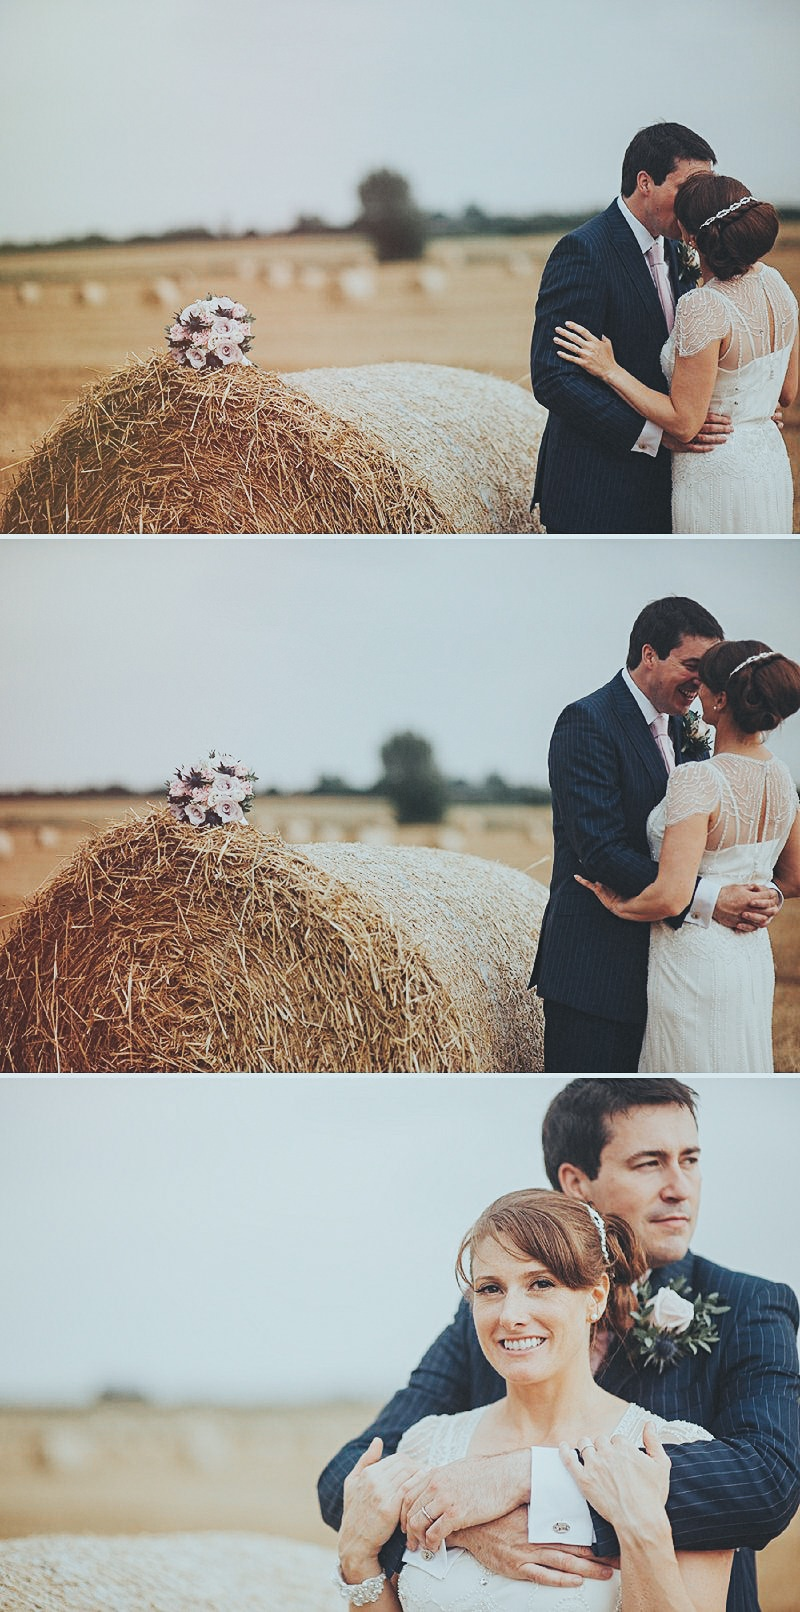 preston-court-vintage-wedding-kent-053.jpg